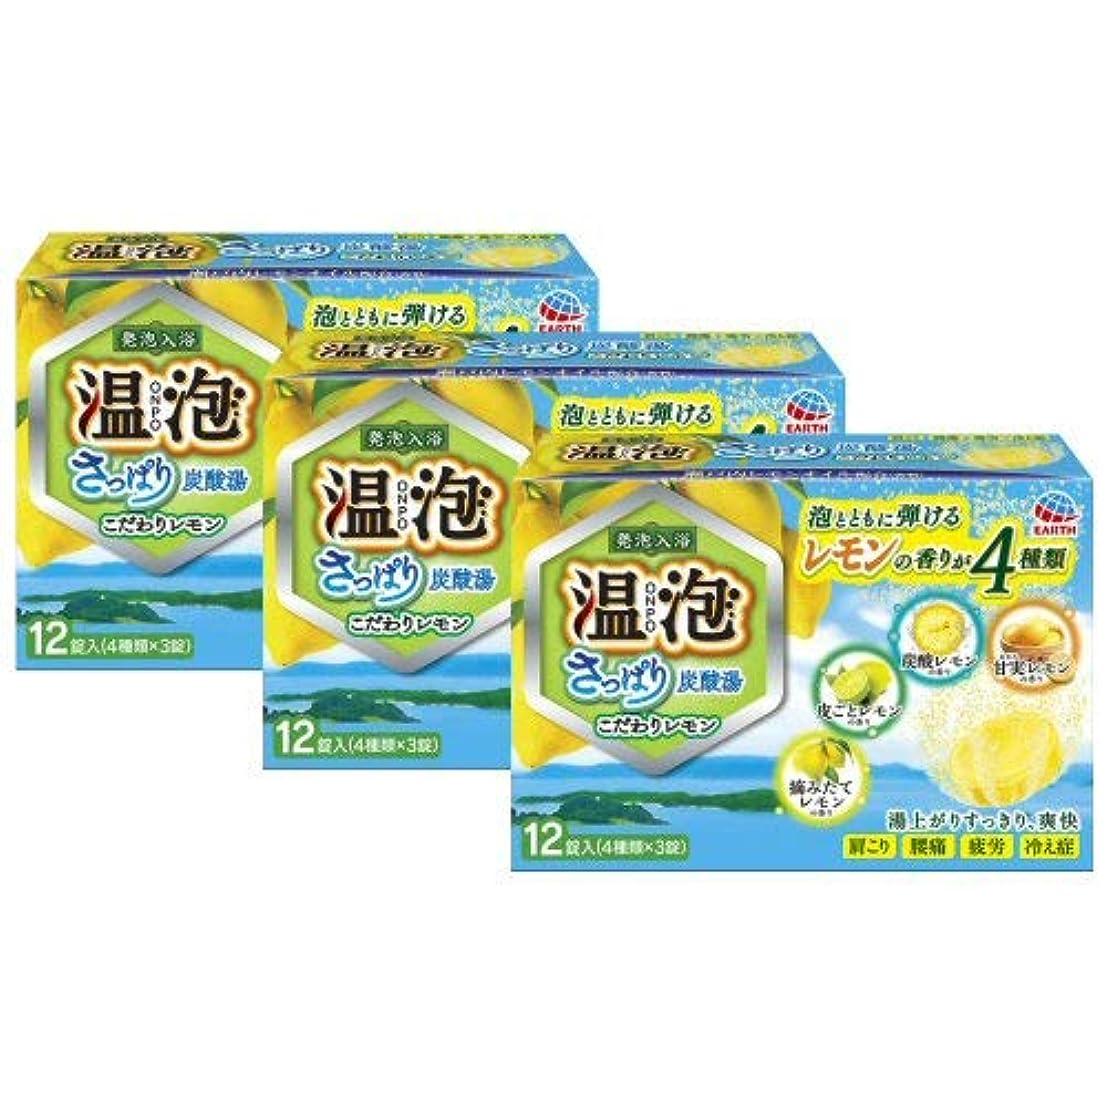 前投薬戦闘効果温泡 ONPOさっぱり炭酸湯 こだわりレモン12錠入(4種×3錠)×3個